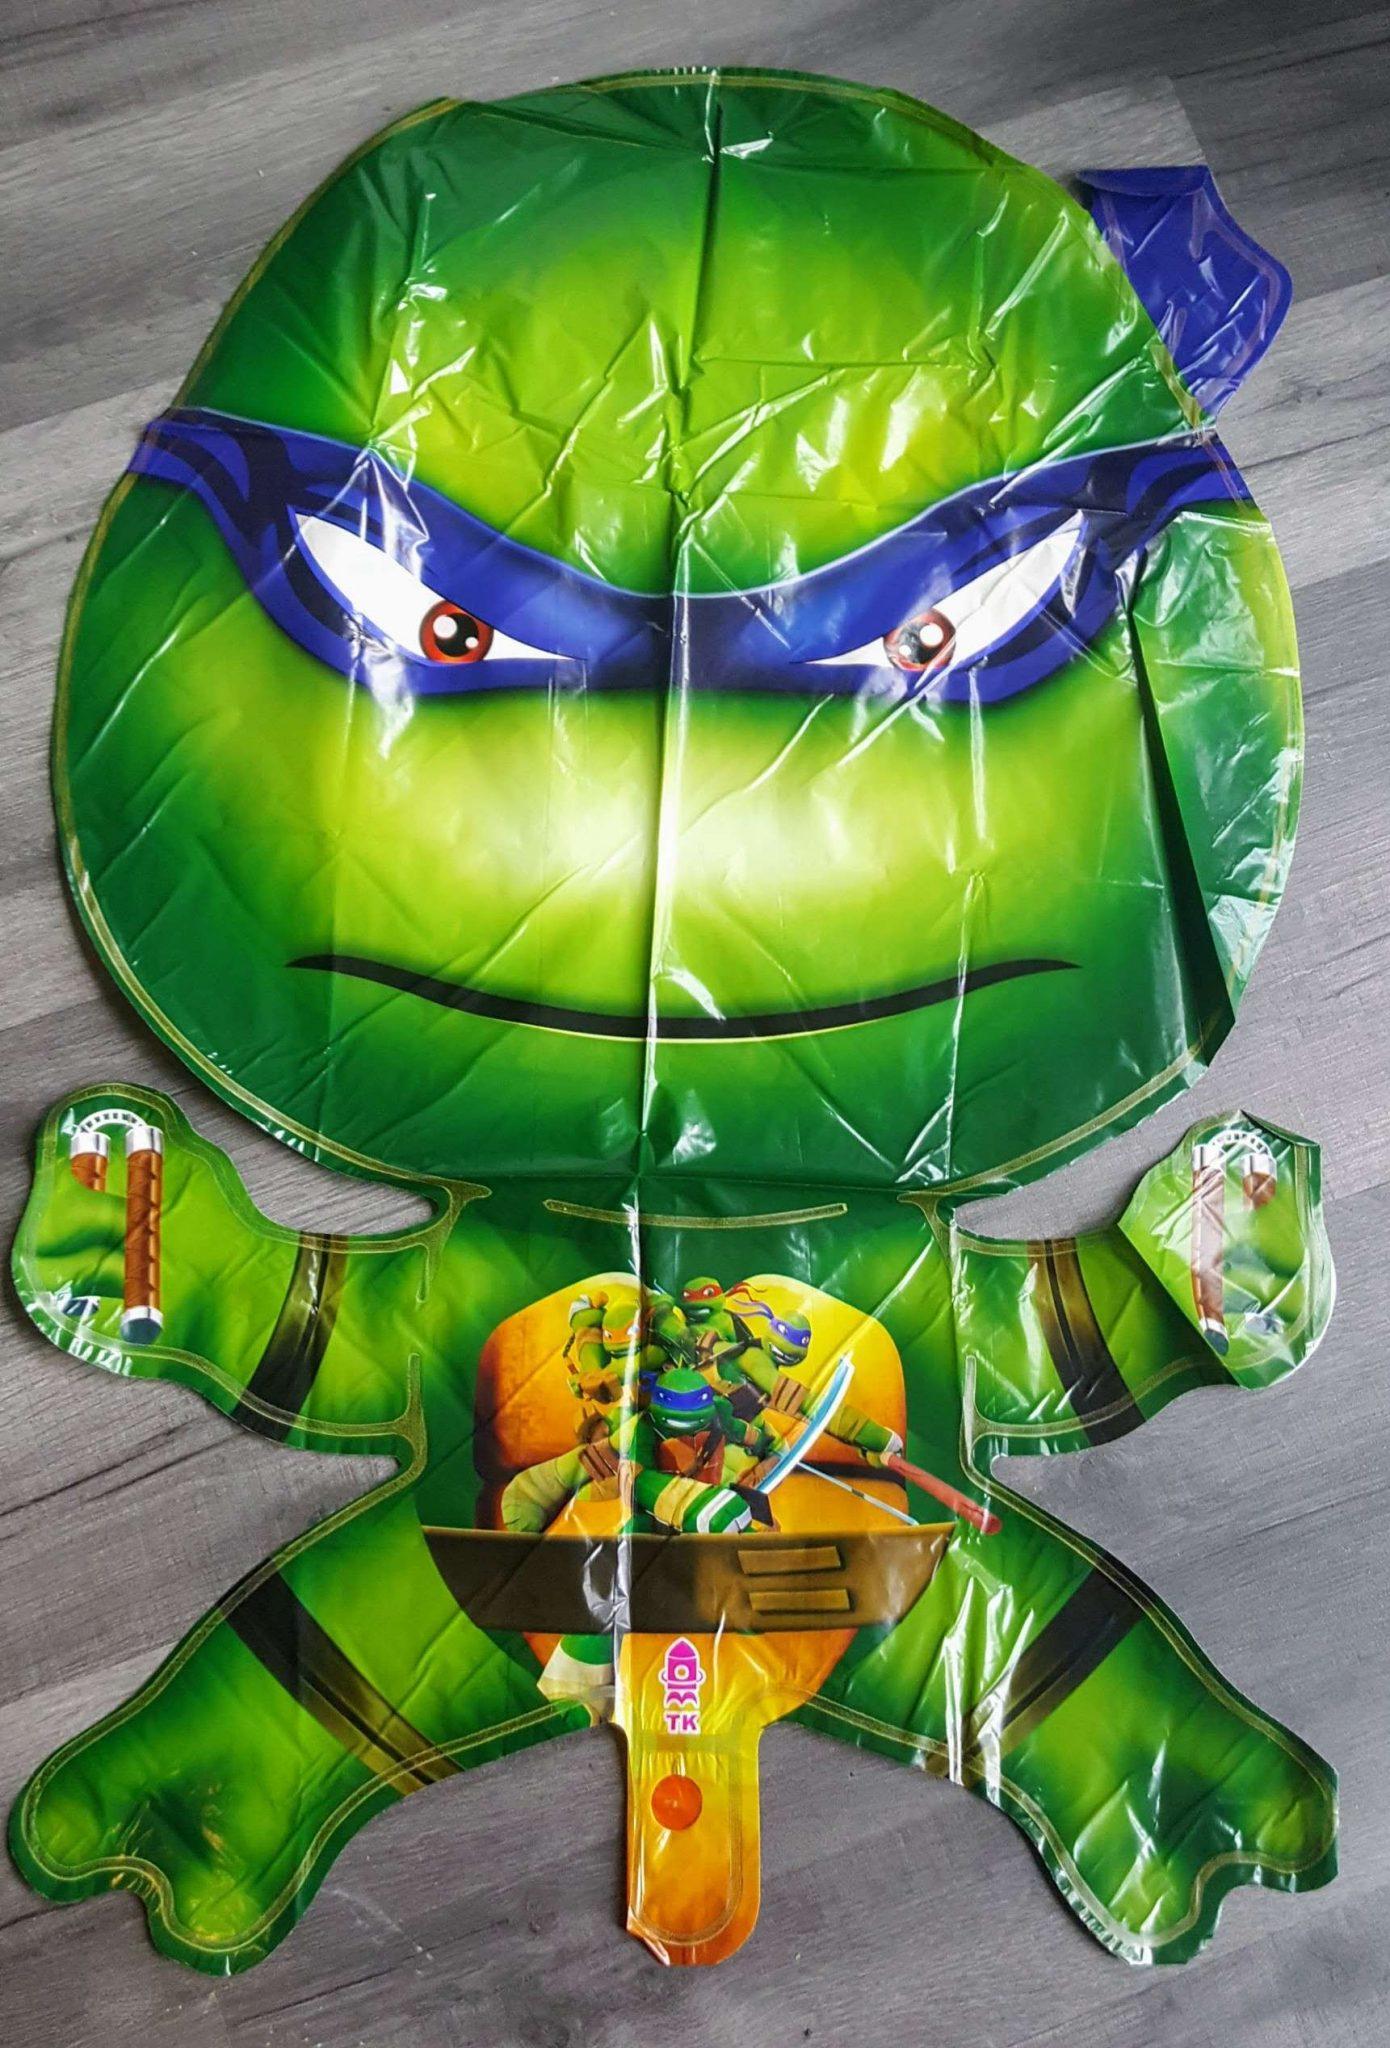 ninja turtle giant foil balloon